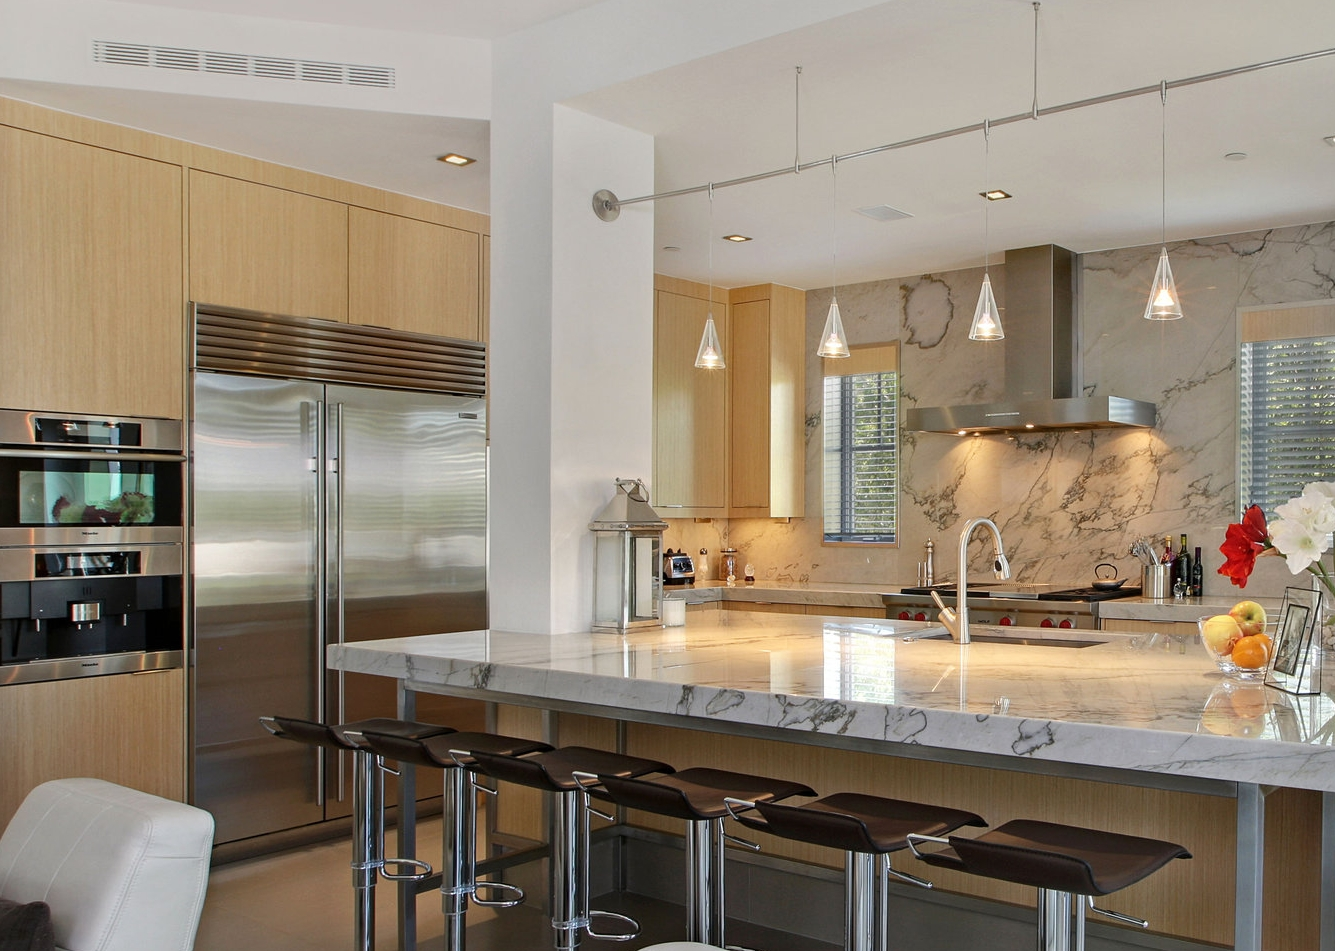 Custom Condominium | Delray Beach, FL  Architect | Randall Stofft  Interior Designer | E. A. Wilson   View Project